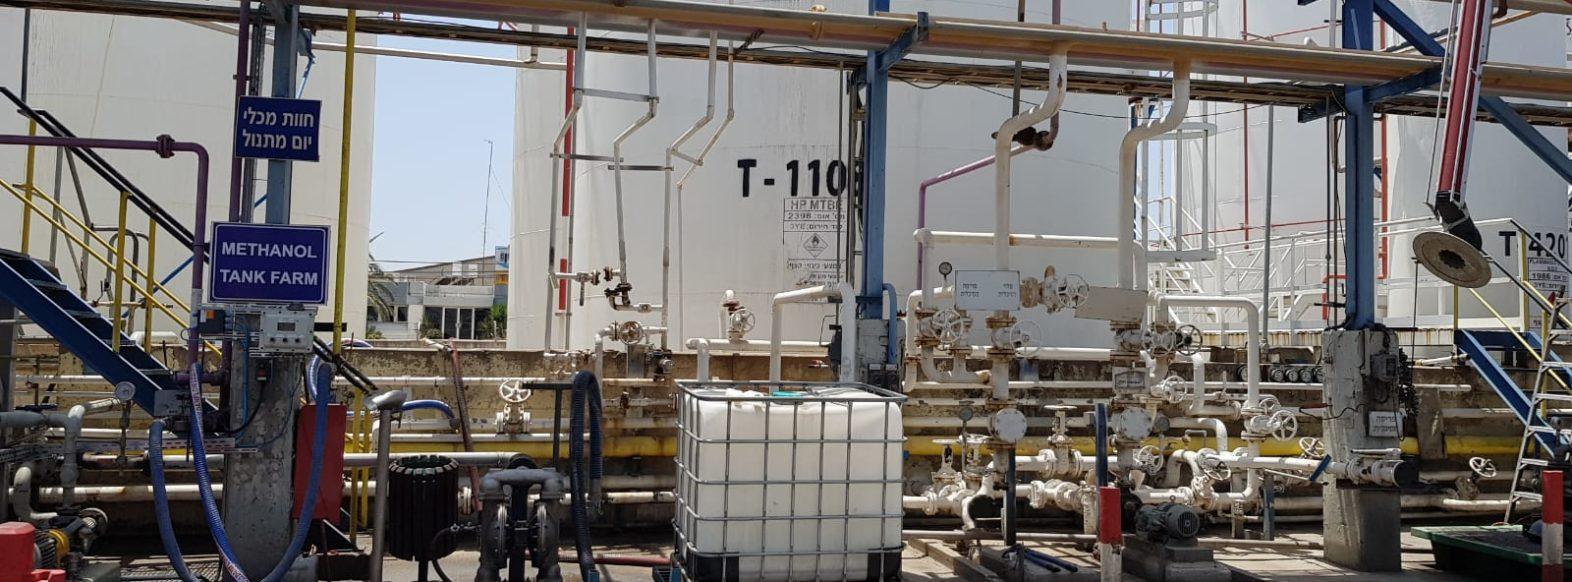 """פשיטה על משרדי דור כימיקלים בחשד שישנו קשר לדליפת הגז הסופ""""ש"""